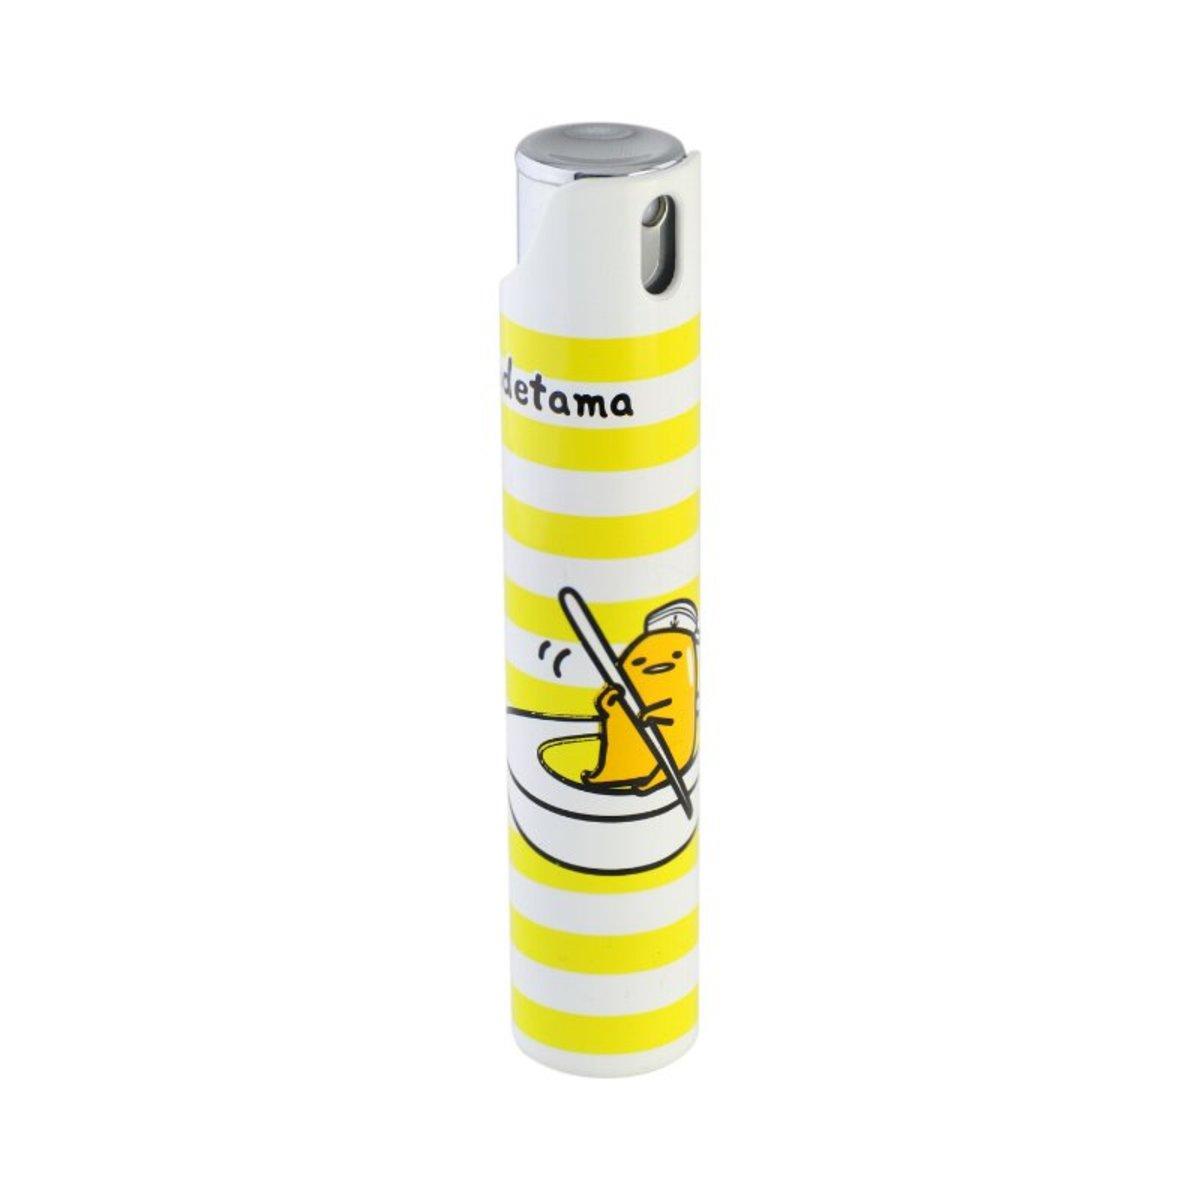 蛋黃哥替換式香水噴霧器-間條  (4ML)